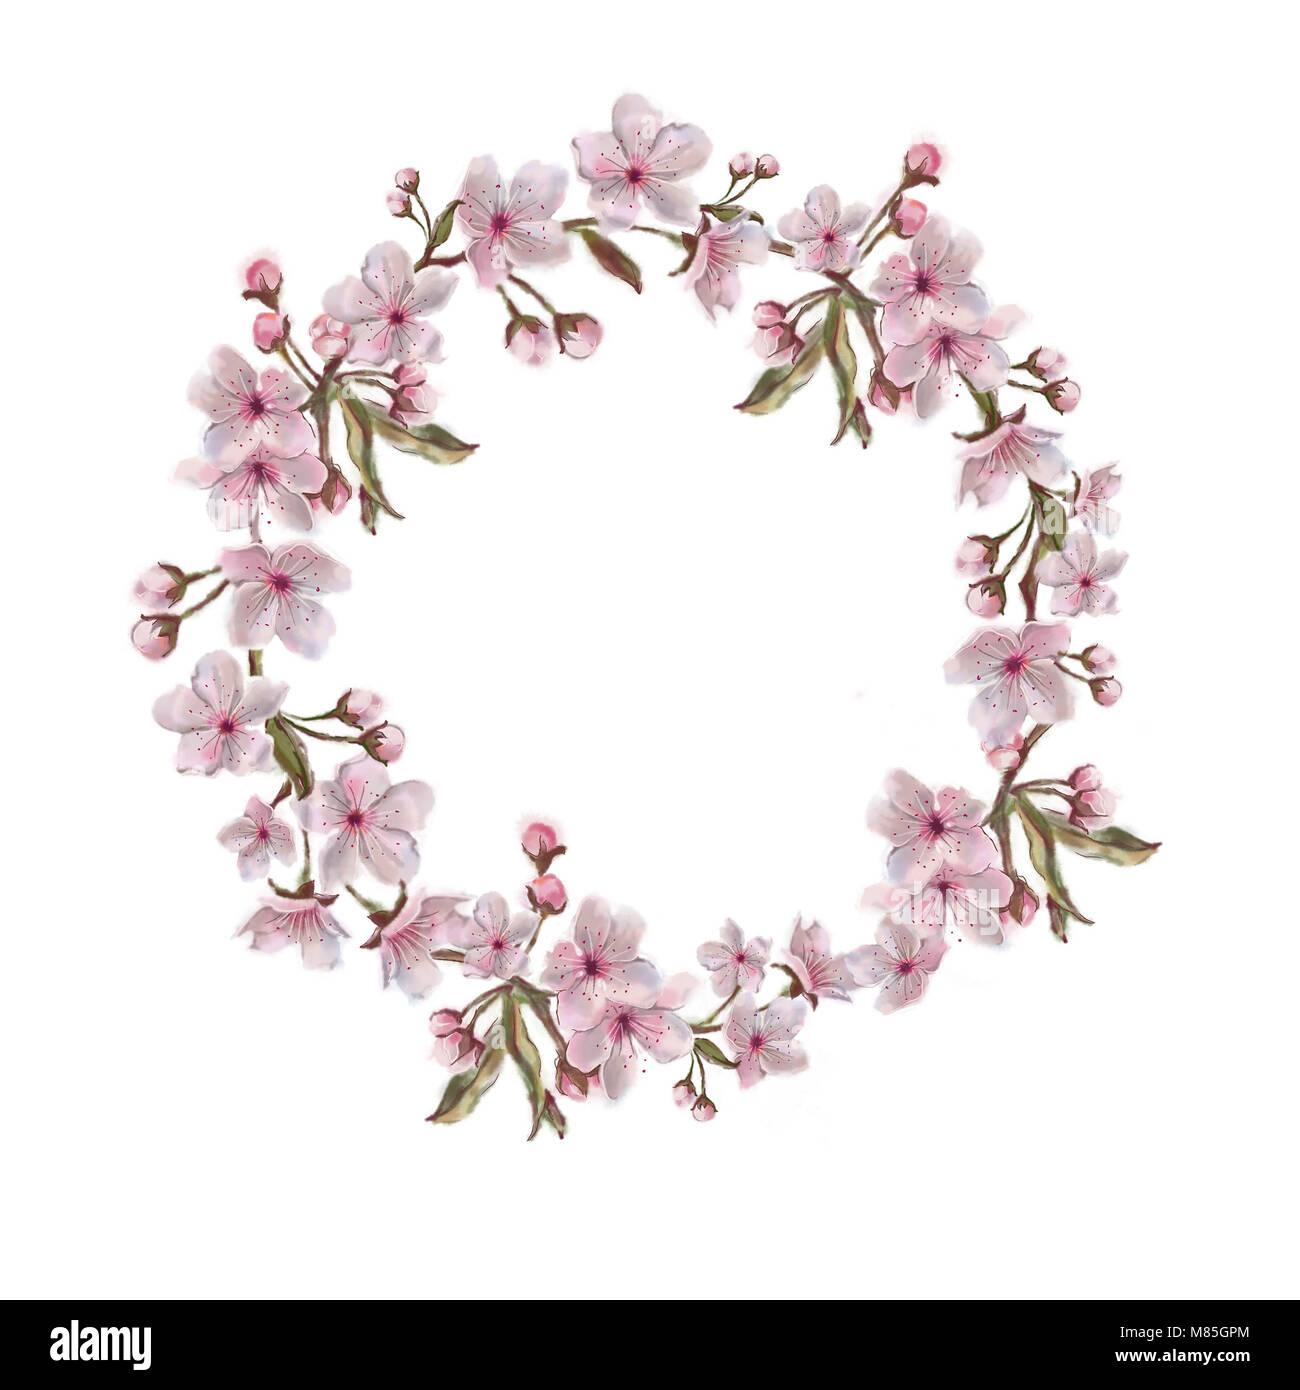 Ofrenda Floral Aislado Sobre Fondo Blanco Flores De Primavera En